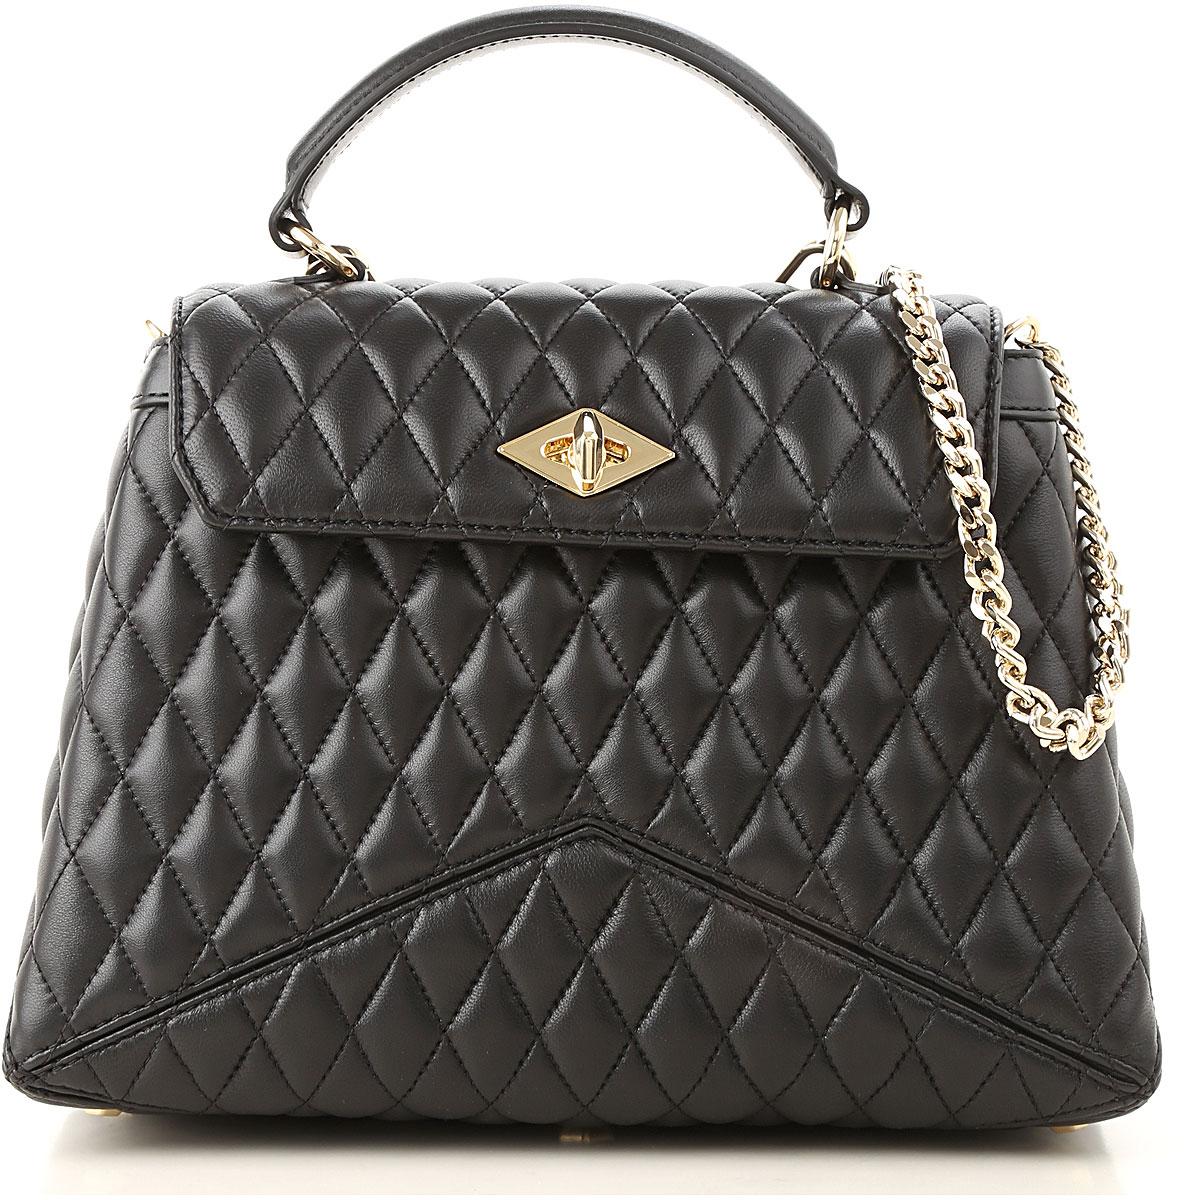 Image of Ballantyne Handbags, Black, Leather, 2017